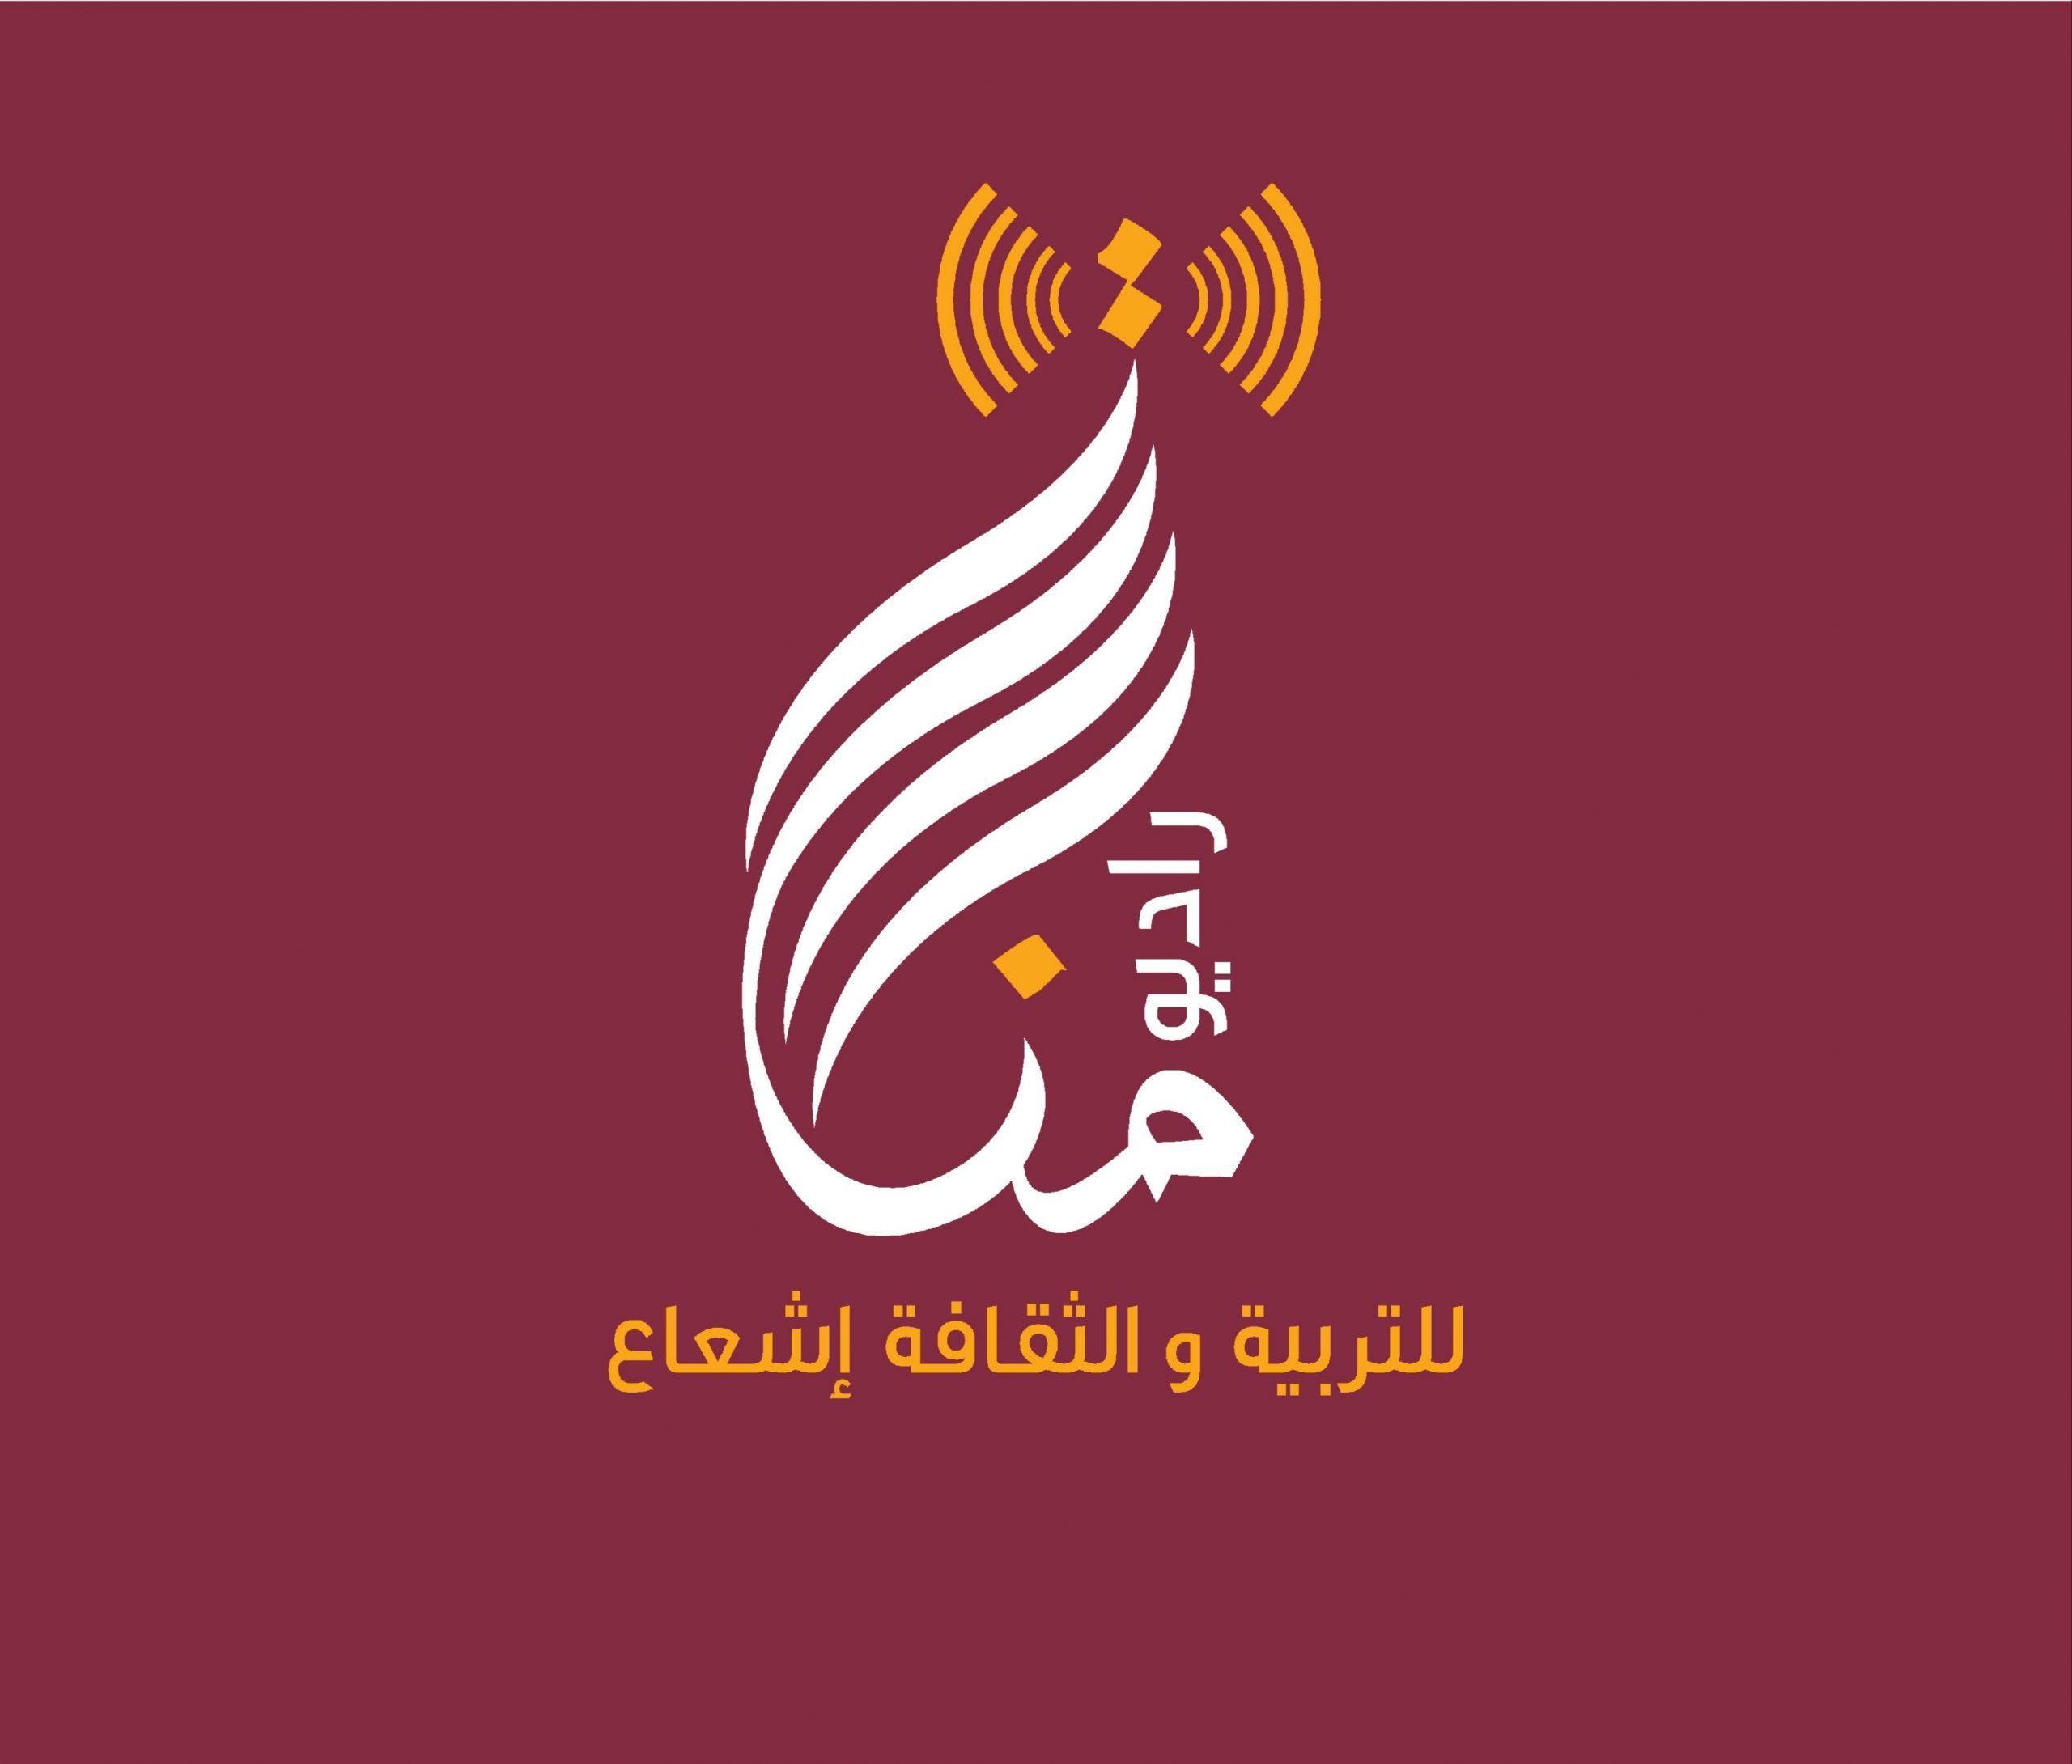 راديو منارات: أول إذاعة إلكترونية ثقافية وتربوية خاصة بأسرة التعليم